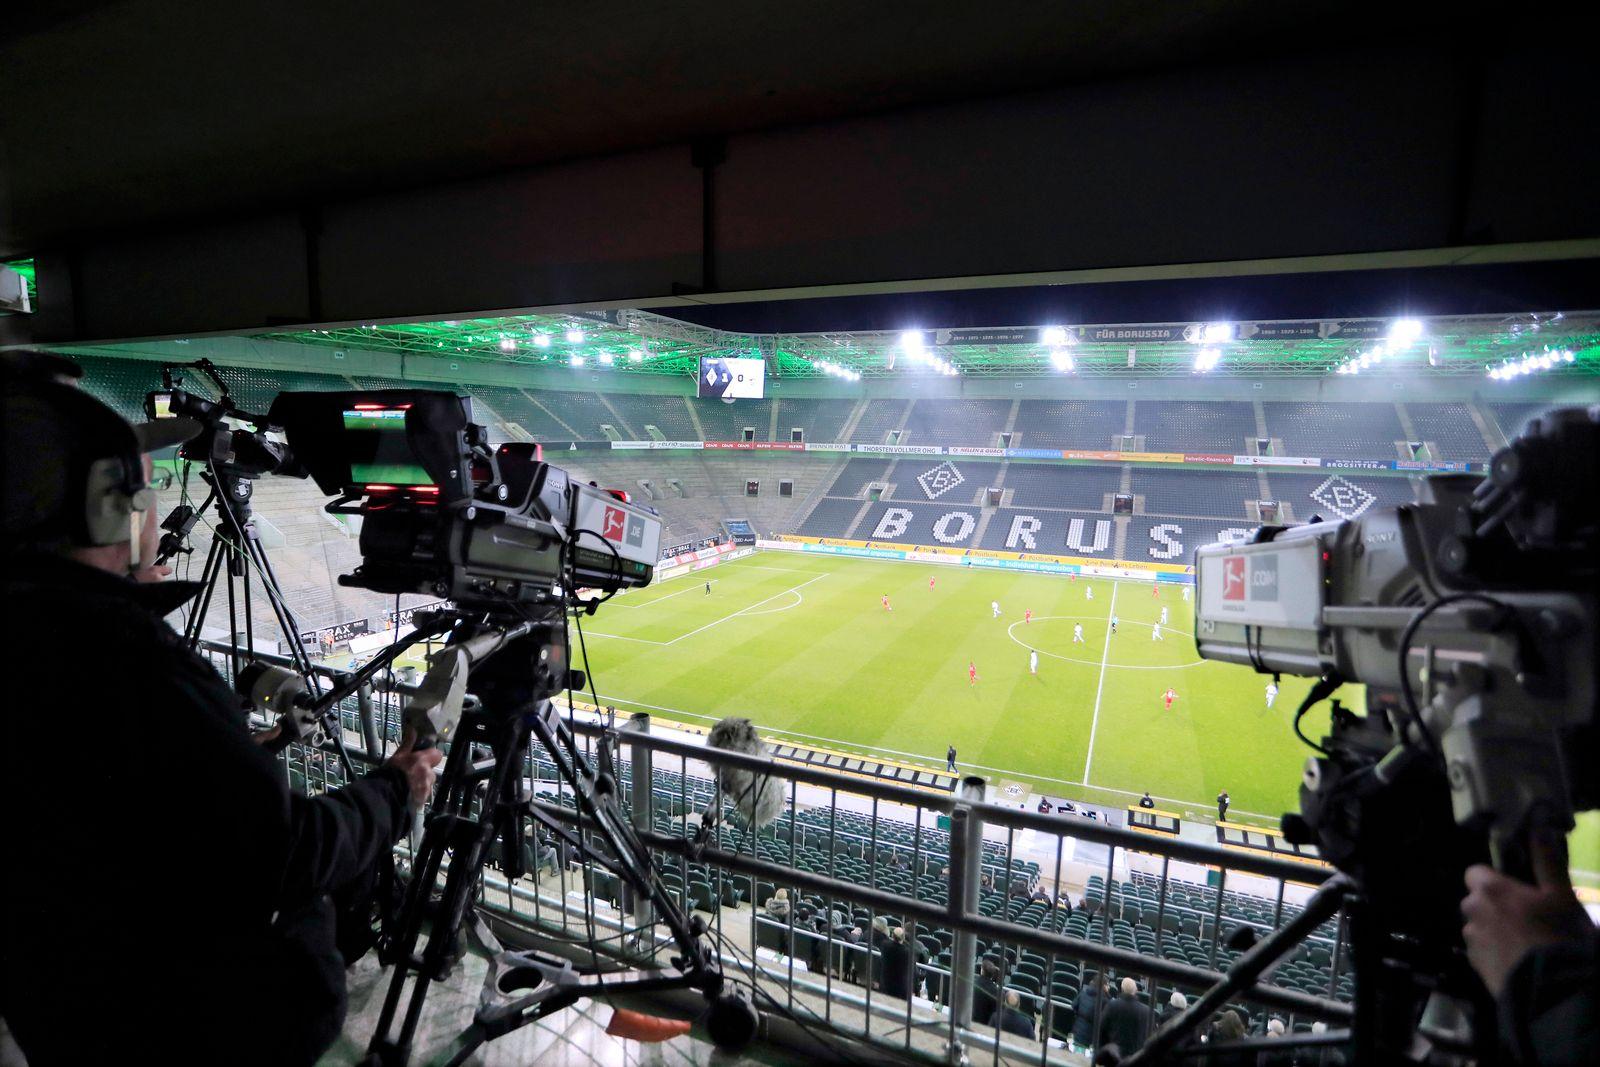 GEISTERSPIEL ohne Zuschauer DFL Fussball Bundesliga Saison 2019 - 2020 Spiel Borussia Moenchengladbach - 1. FC Koeln am1